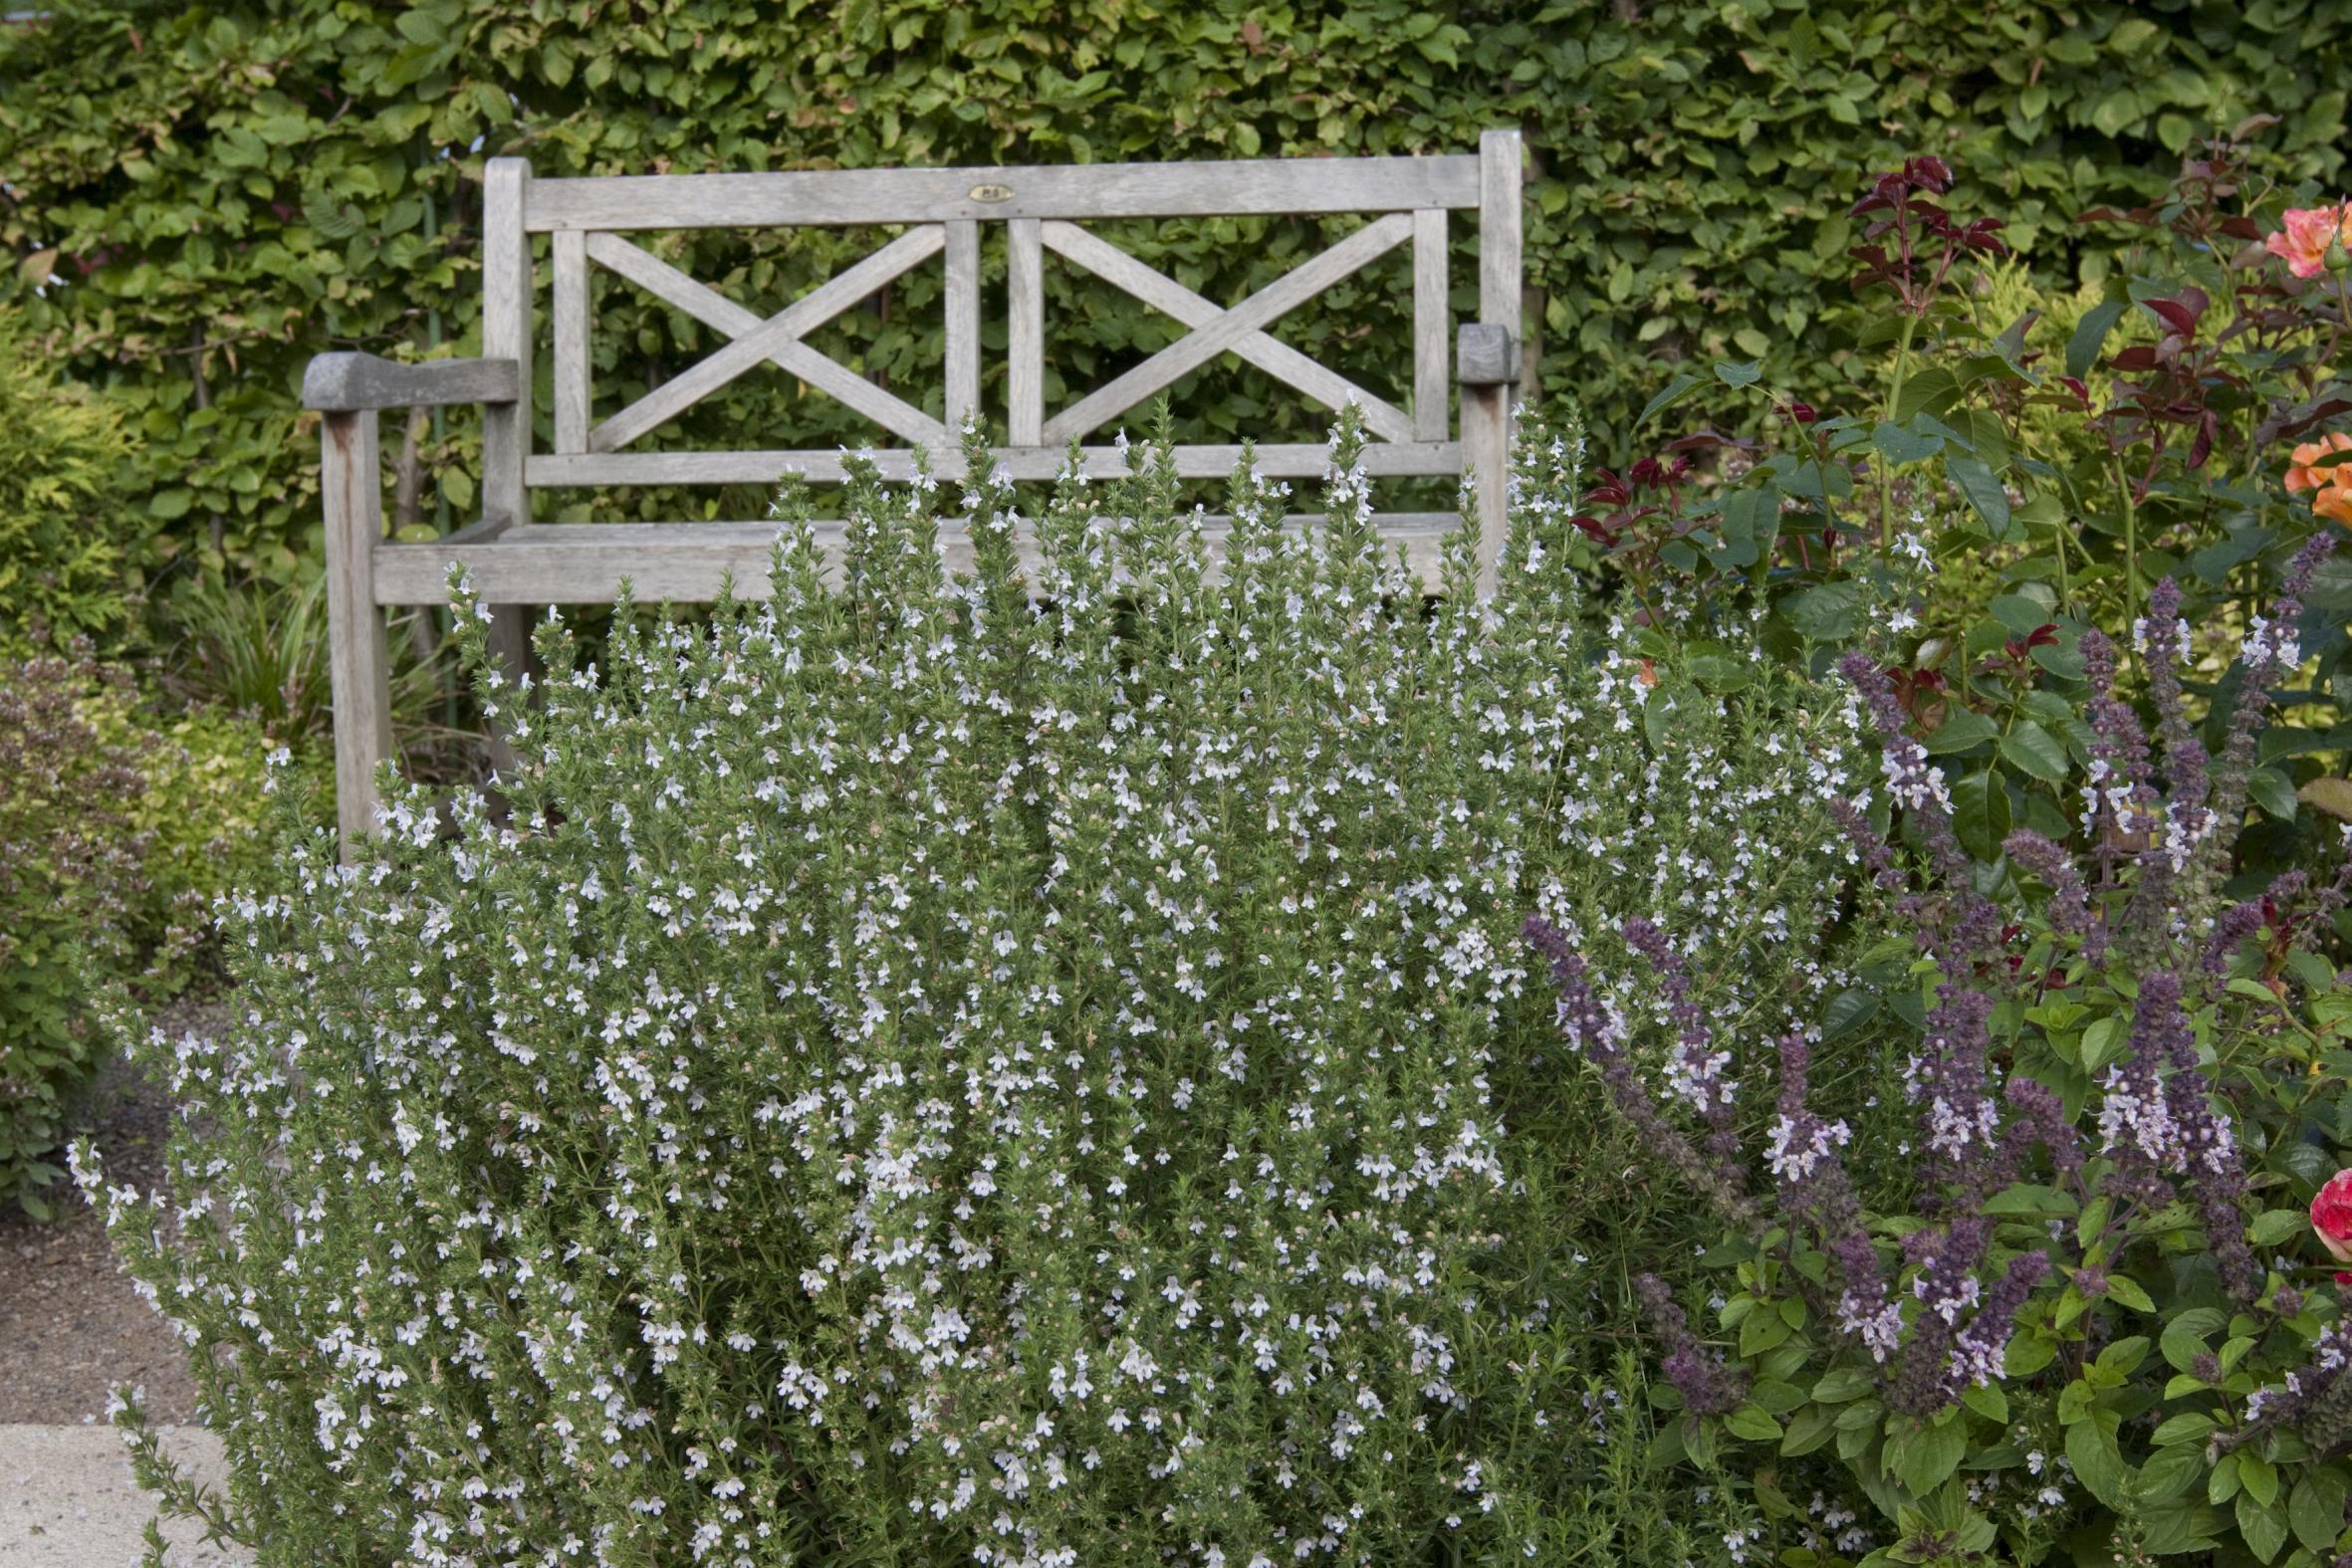 stauden attraktive l ckenf ller f r pflanzbeete im garten das gr ne medienhaus. Black Bedroom Furniture Sets. Home Design Ideas